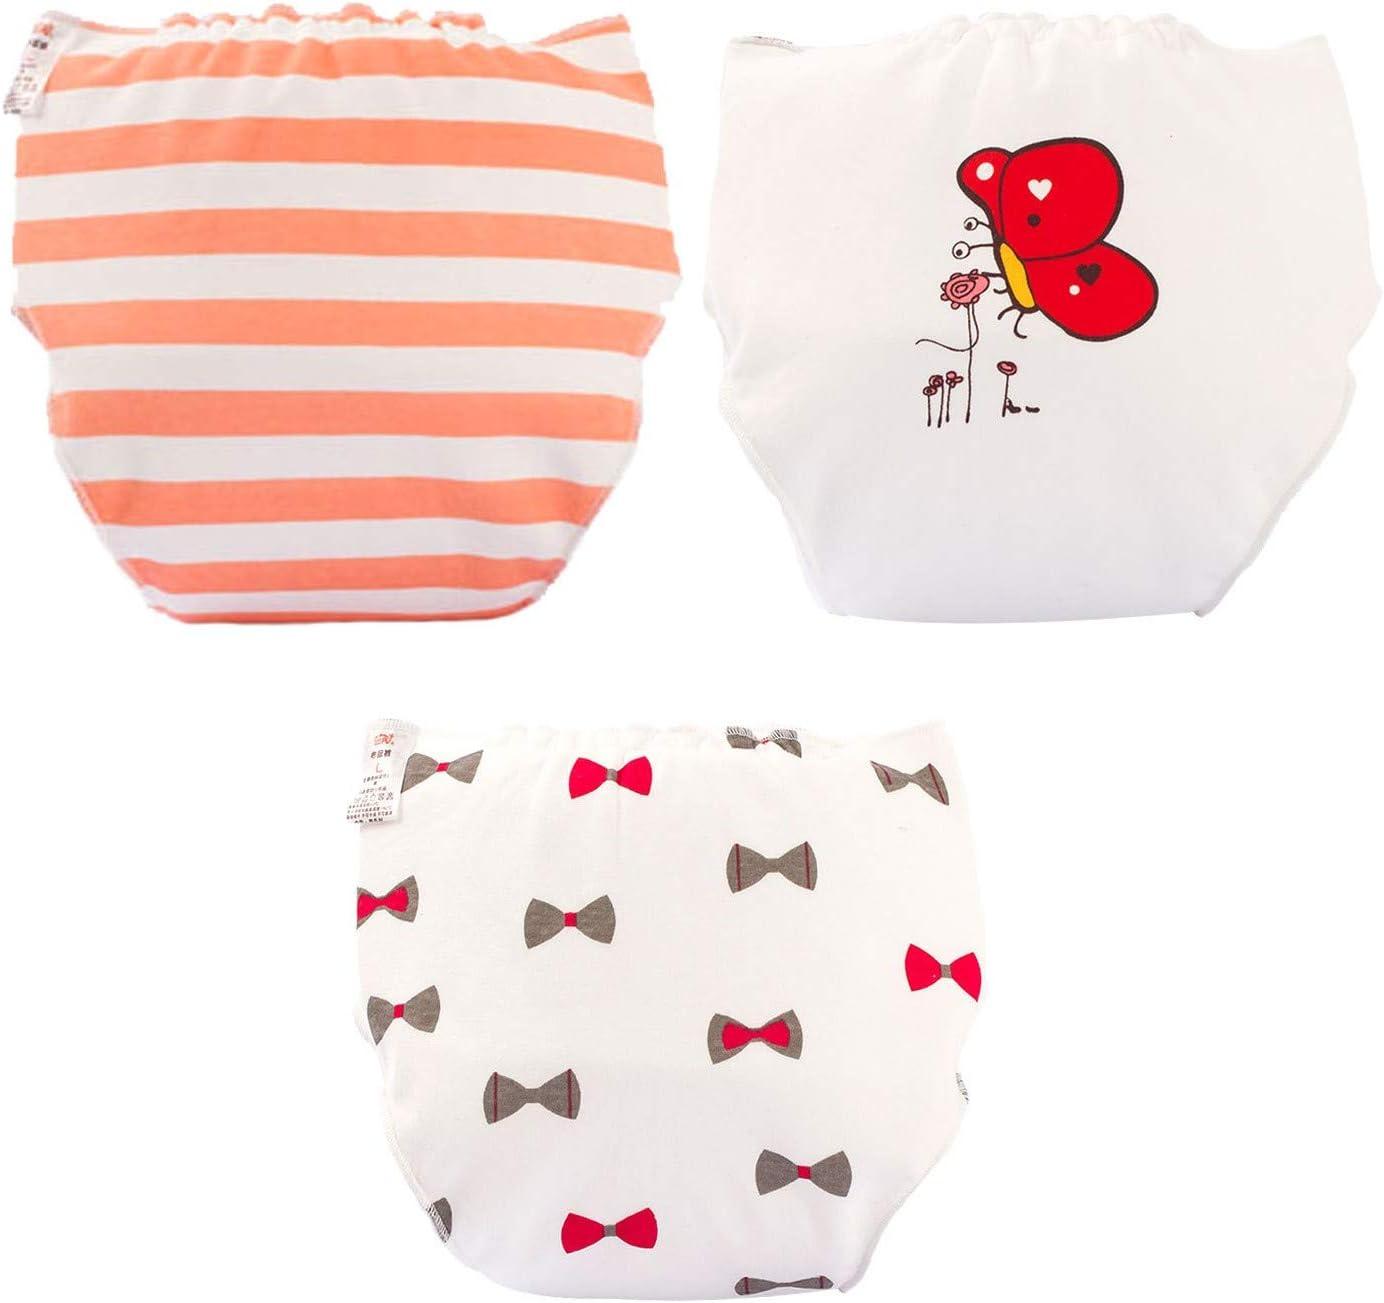 Cubierta de pañales de tela de algodón para bebés Aprendizaje de ...